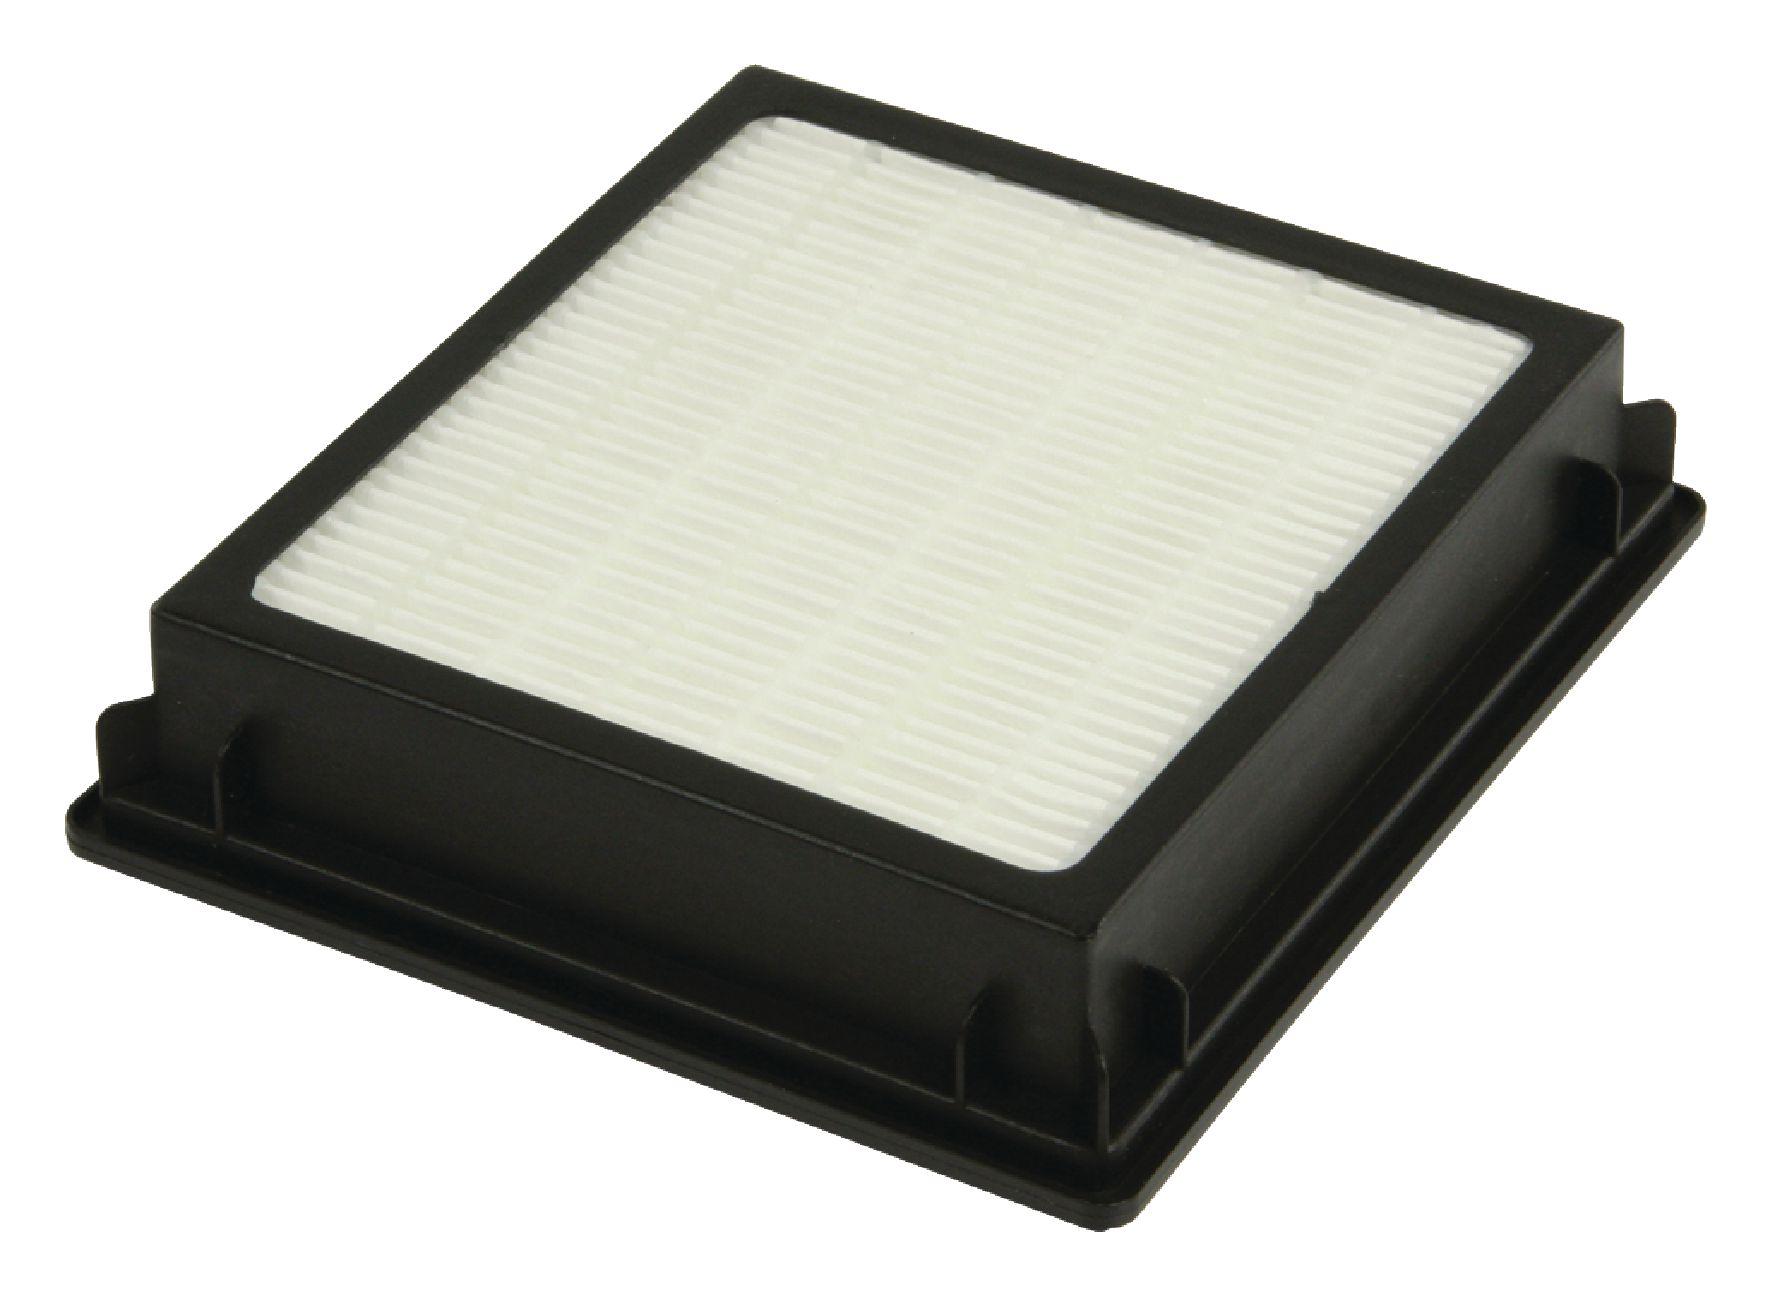 Náhradní aktivní HEPA filtr Nilfisk - 21982500